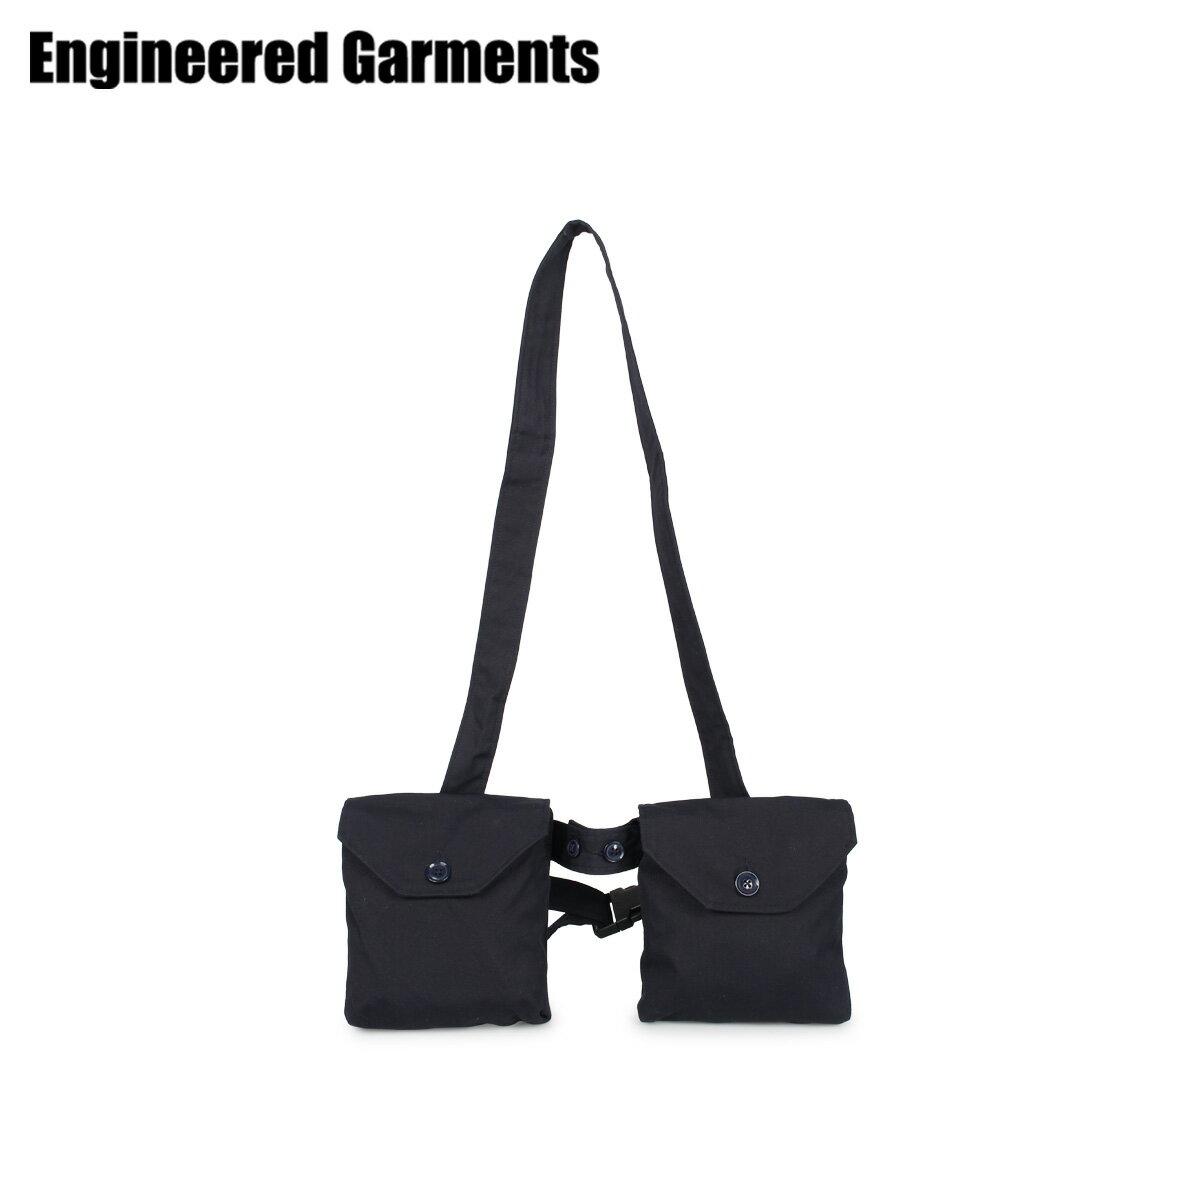 男女兼用バッグ, ボディバッグ・ウエストポーチ 2000OFF ENGINEERED GARMENTS WAIST BAG 20S1H028 422